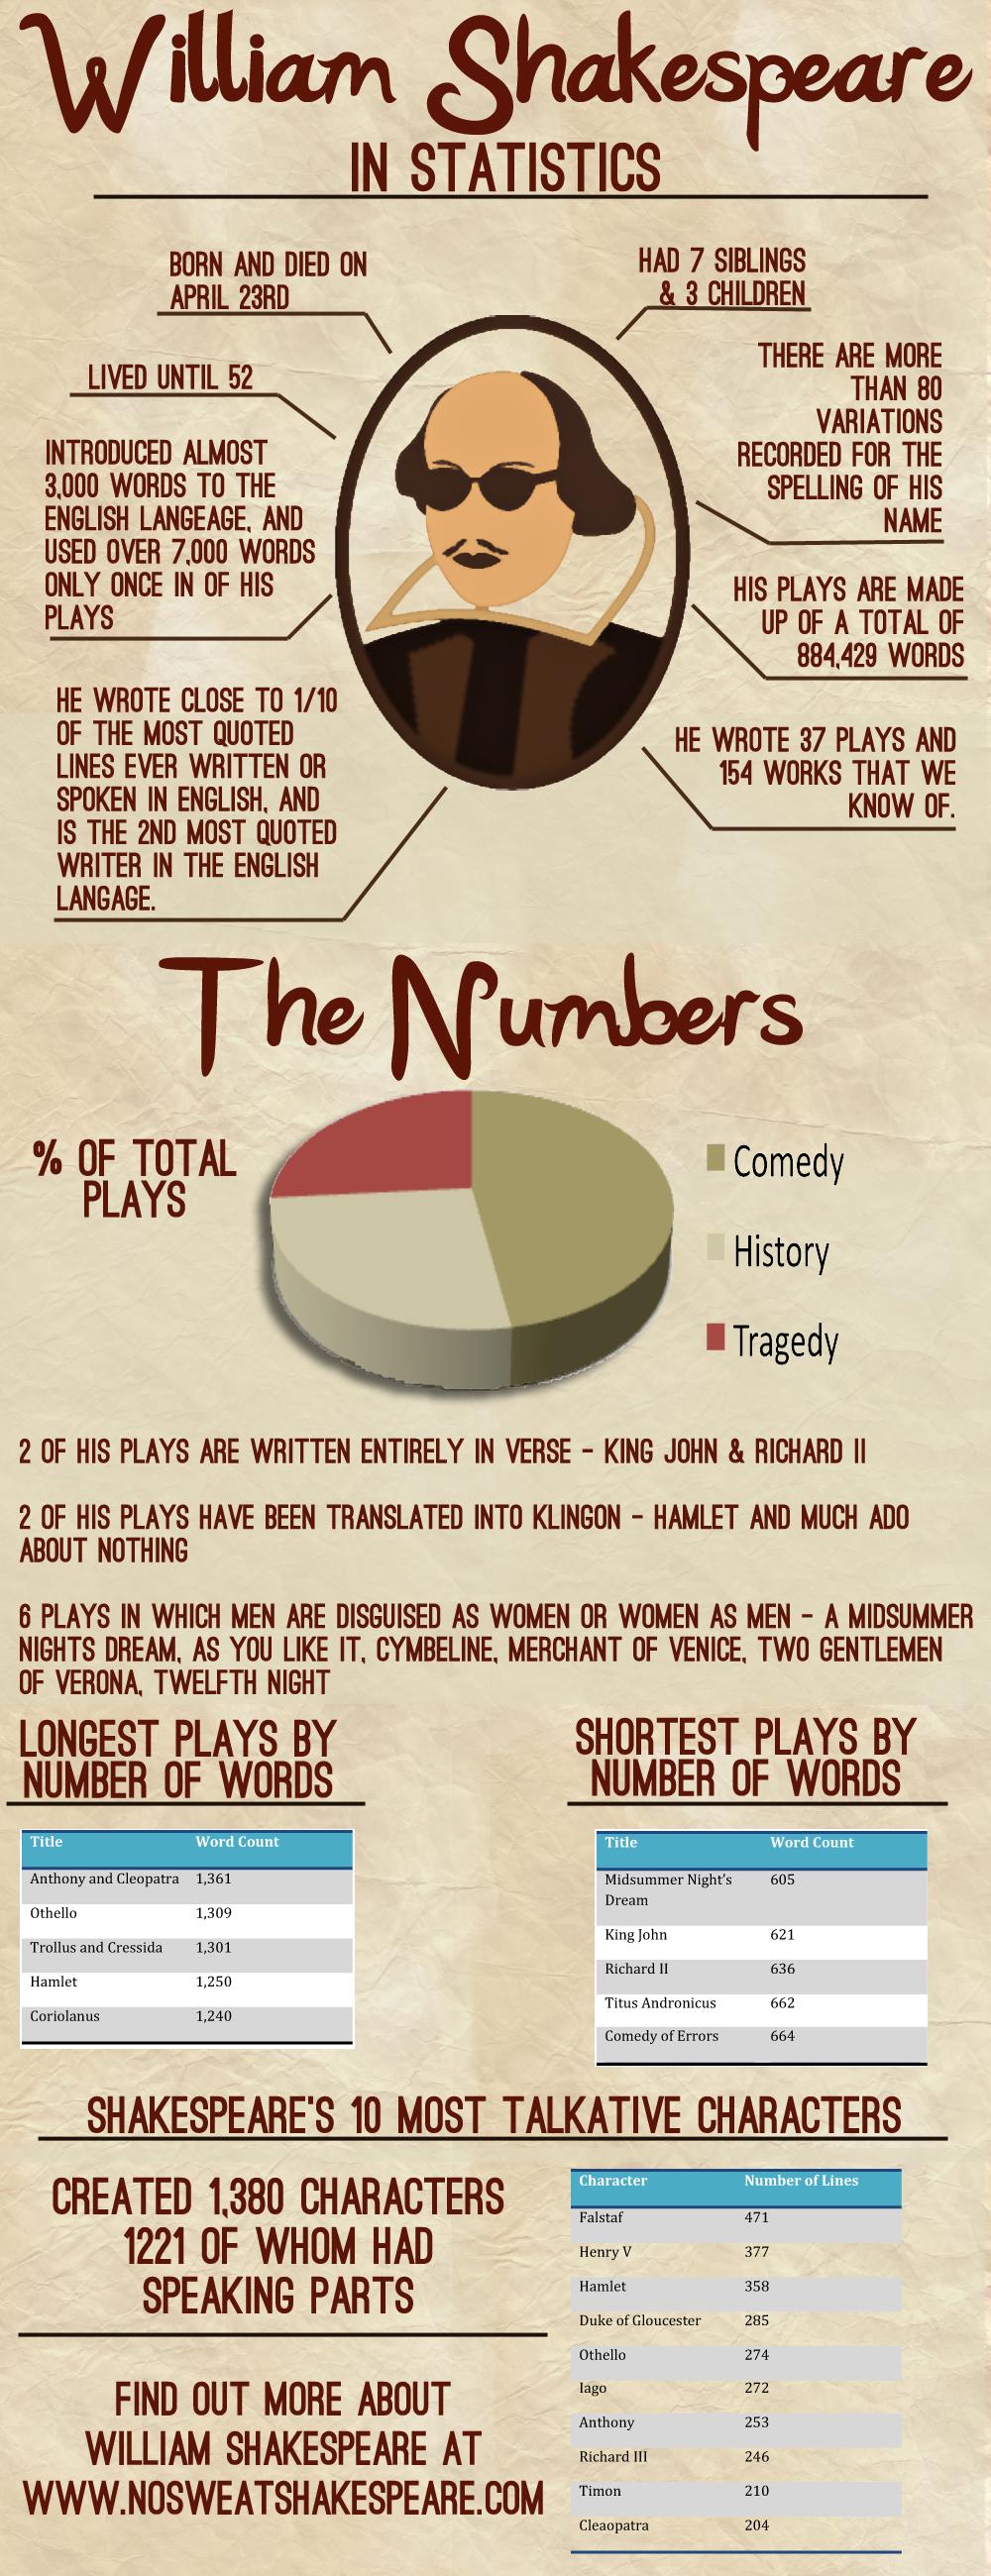 Shakespearean Statistics